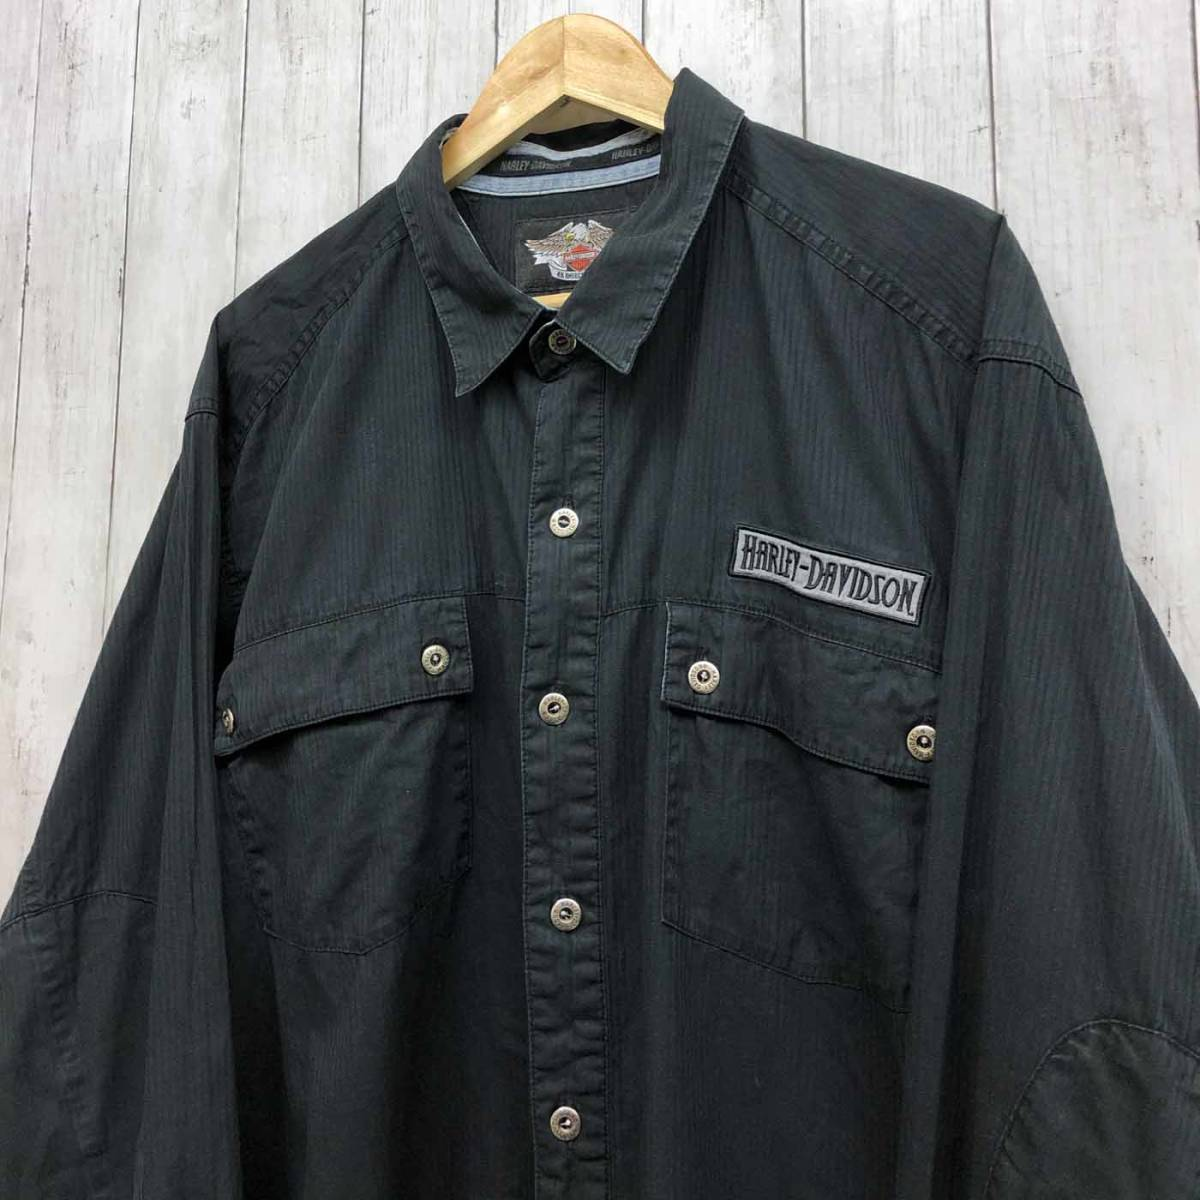 ハーレーダビッドソン Harley Davidson 古着 長袖シャツ ワーカーシャツ メンズ 2XLサイズ 9-76_画像2